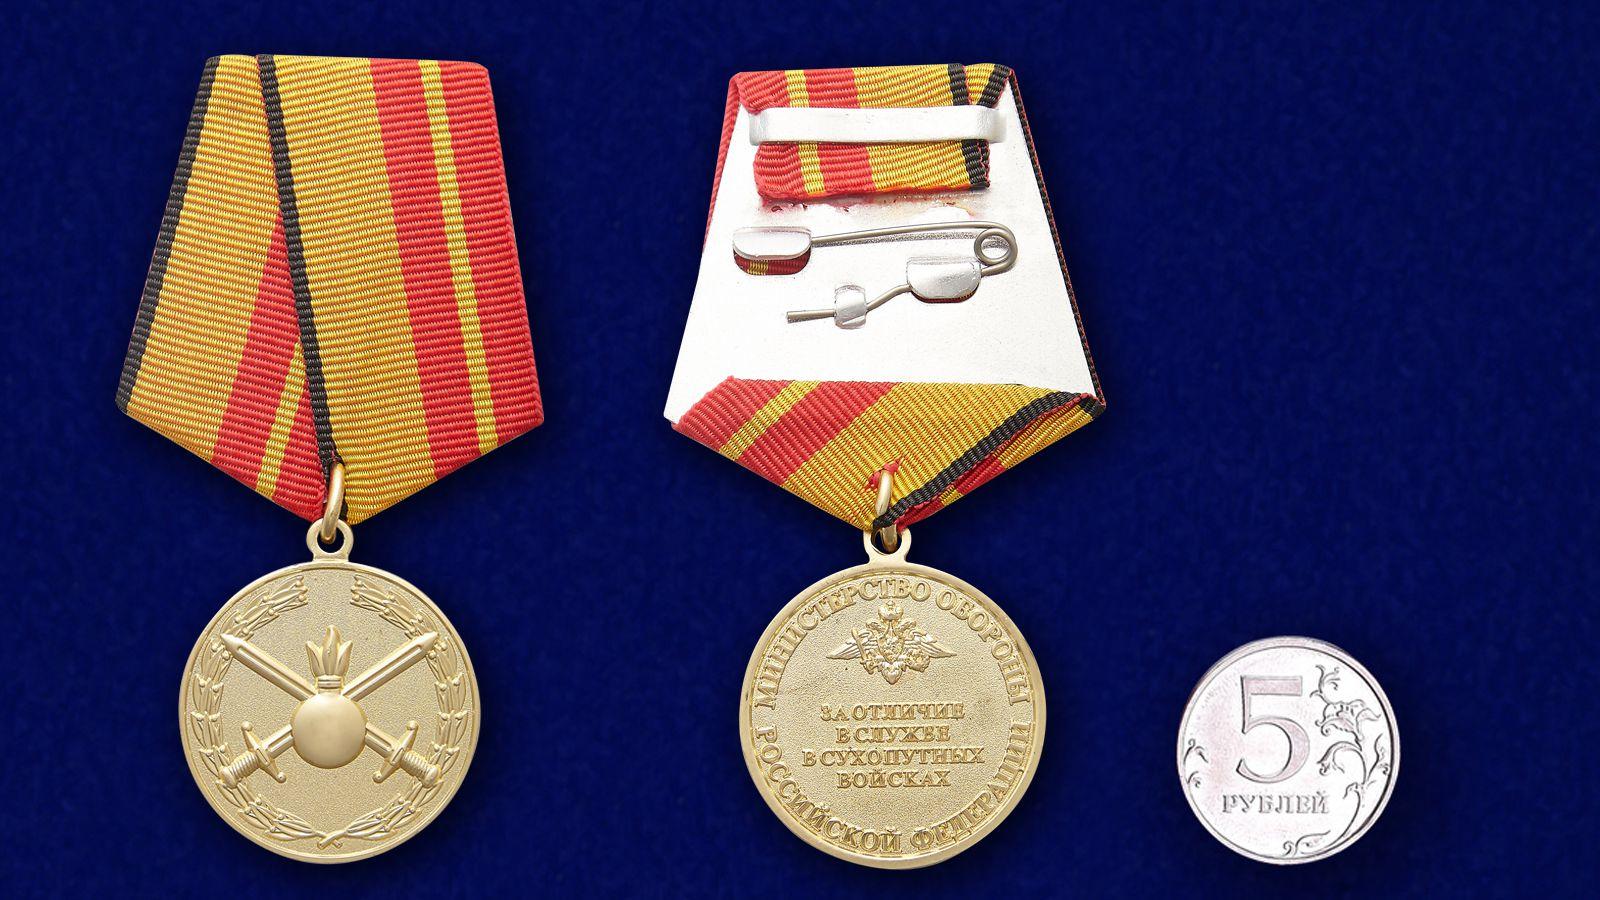 """Медаль """"За отличие в службе в Сухопутных войсках"""" - сравнительный размер"""